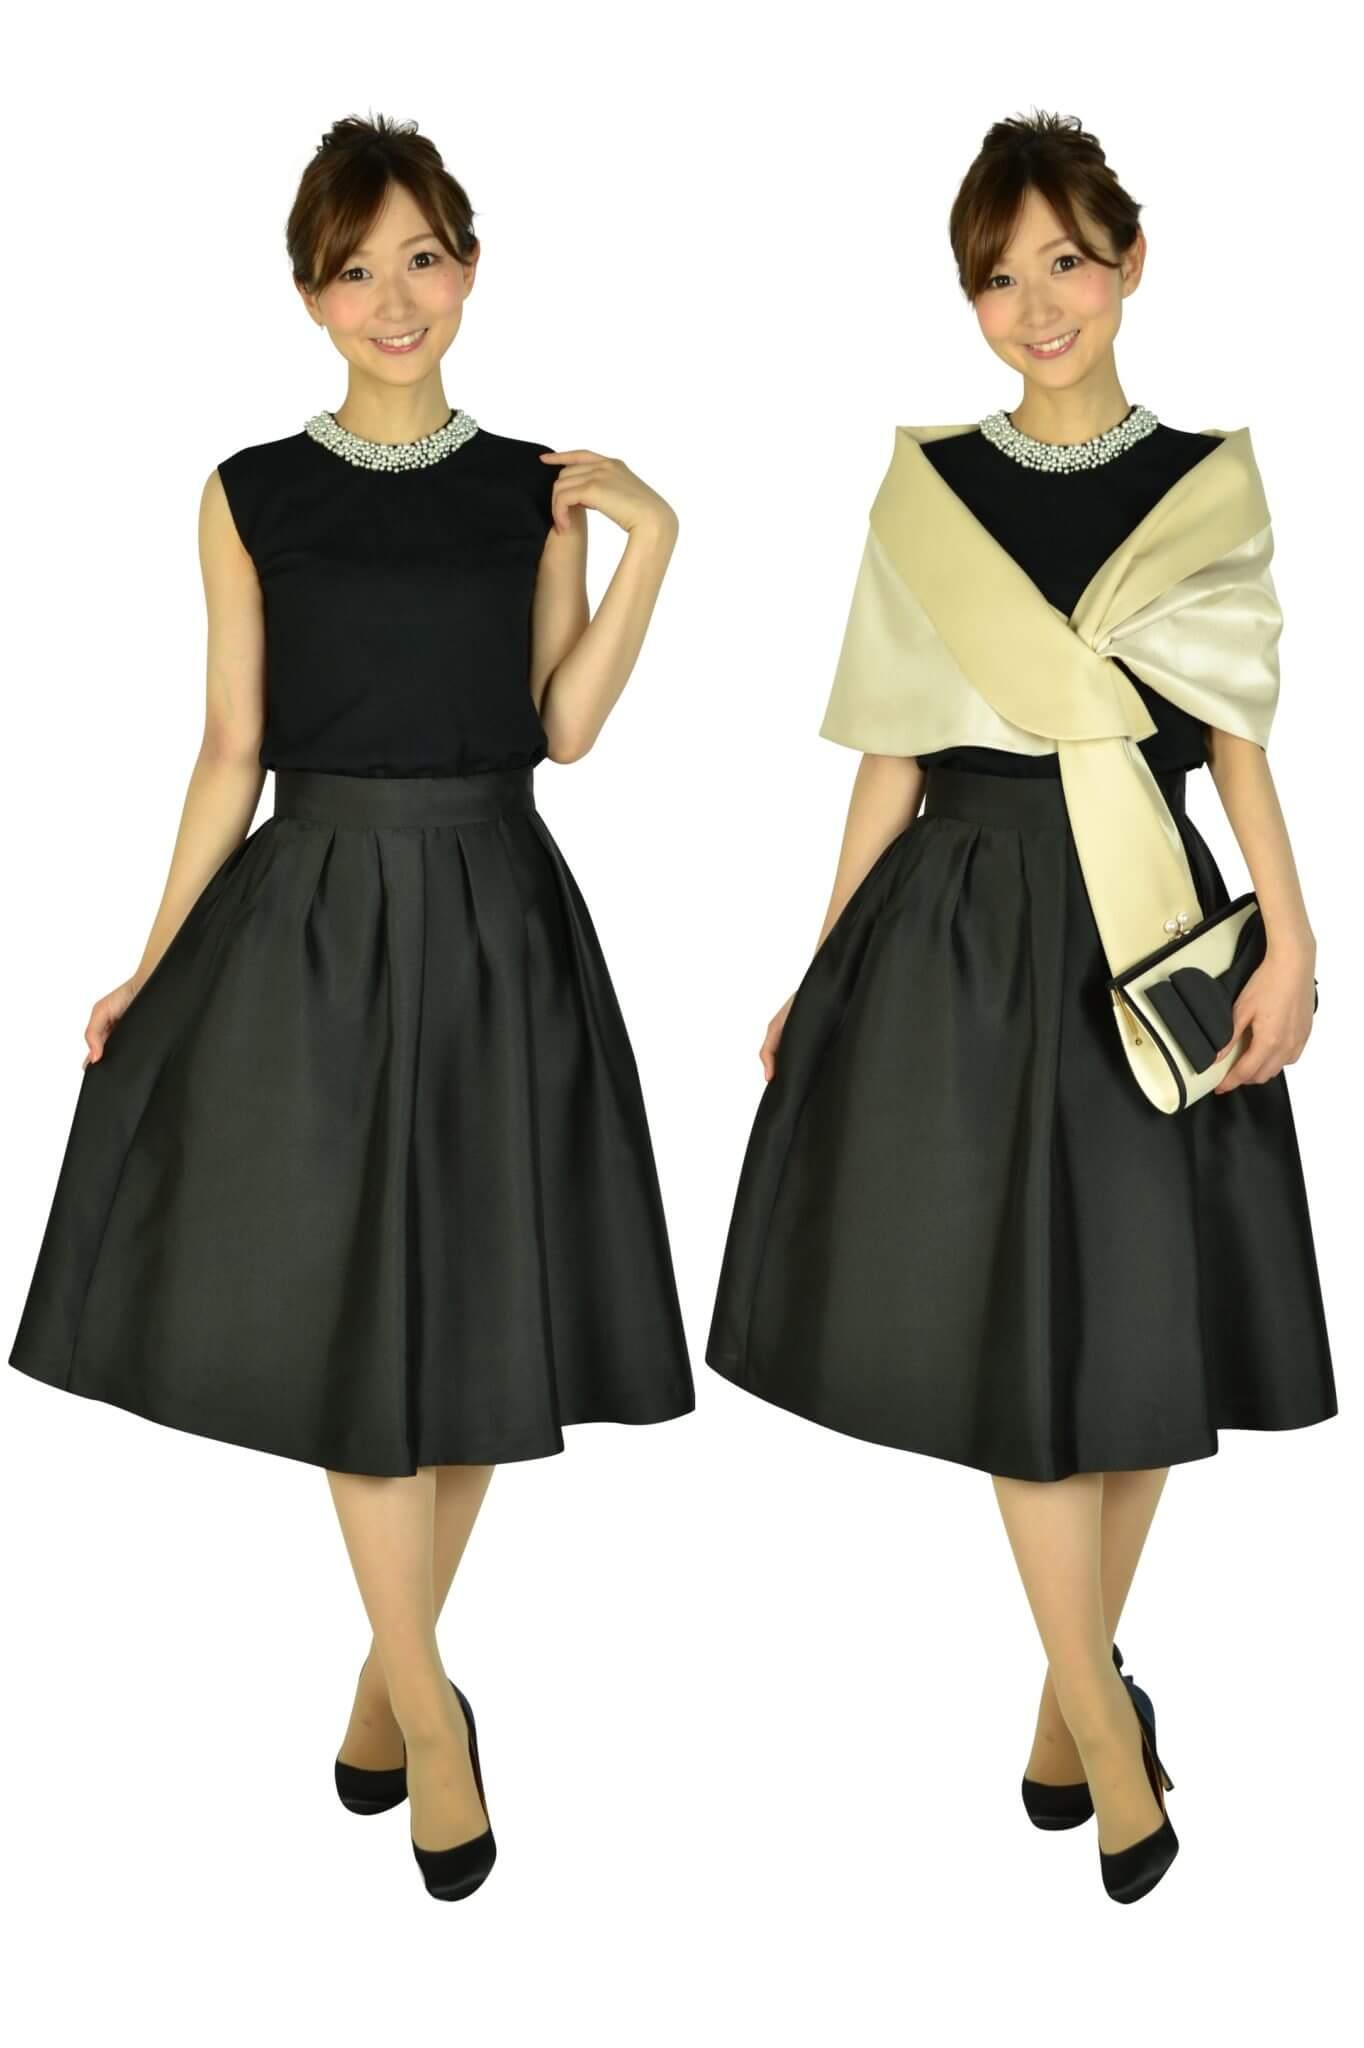 アティラントーレ (Attirantore)サマーニットトップスブラックドレス